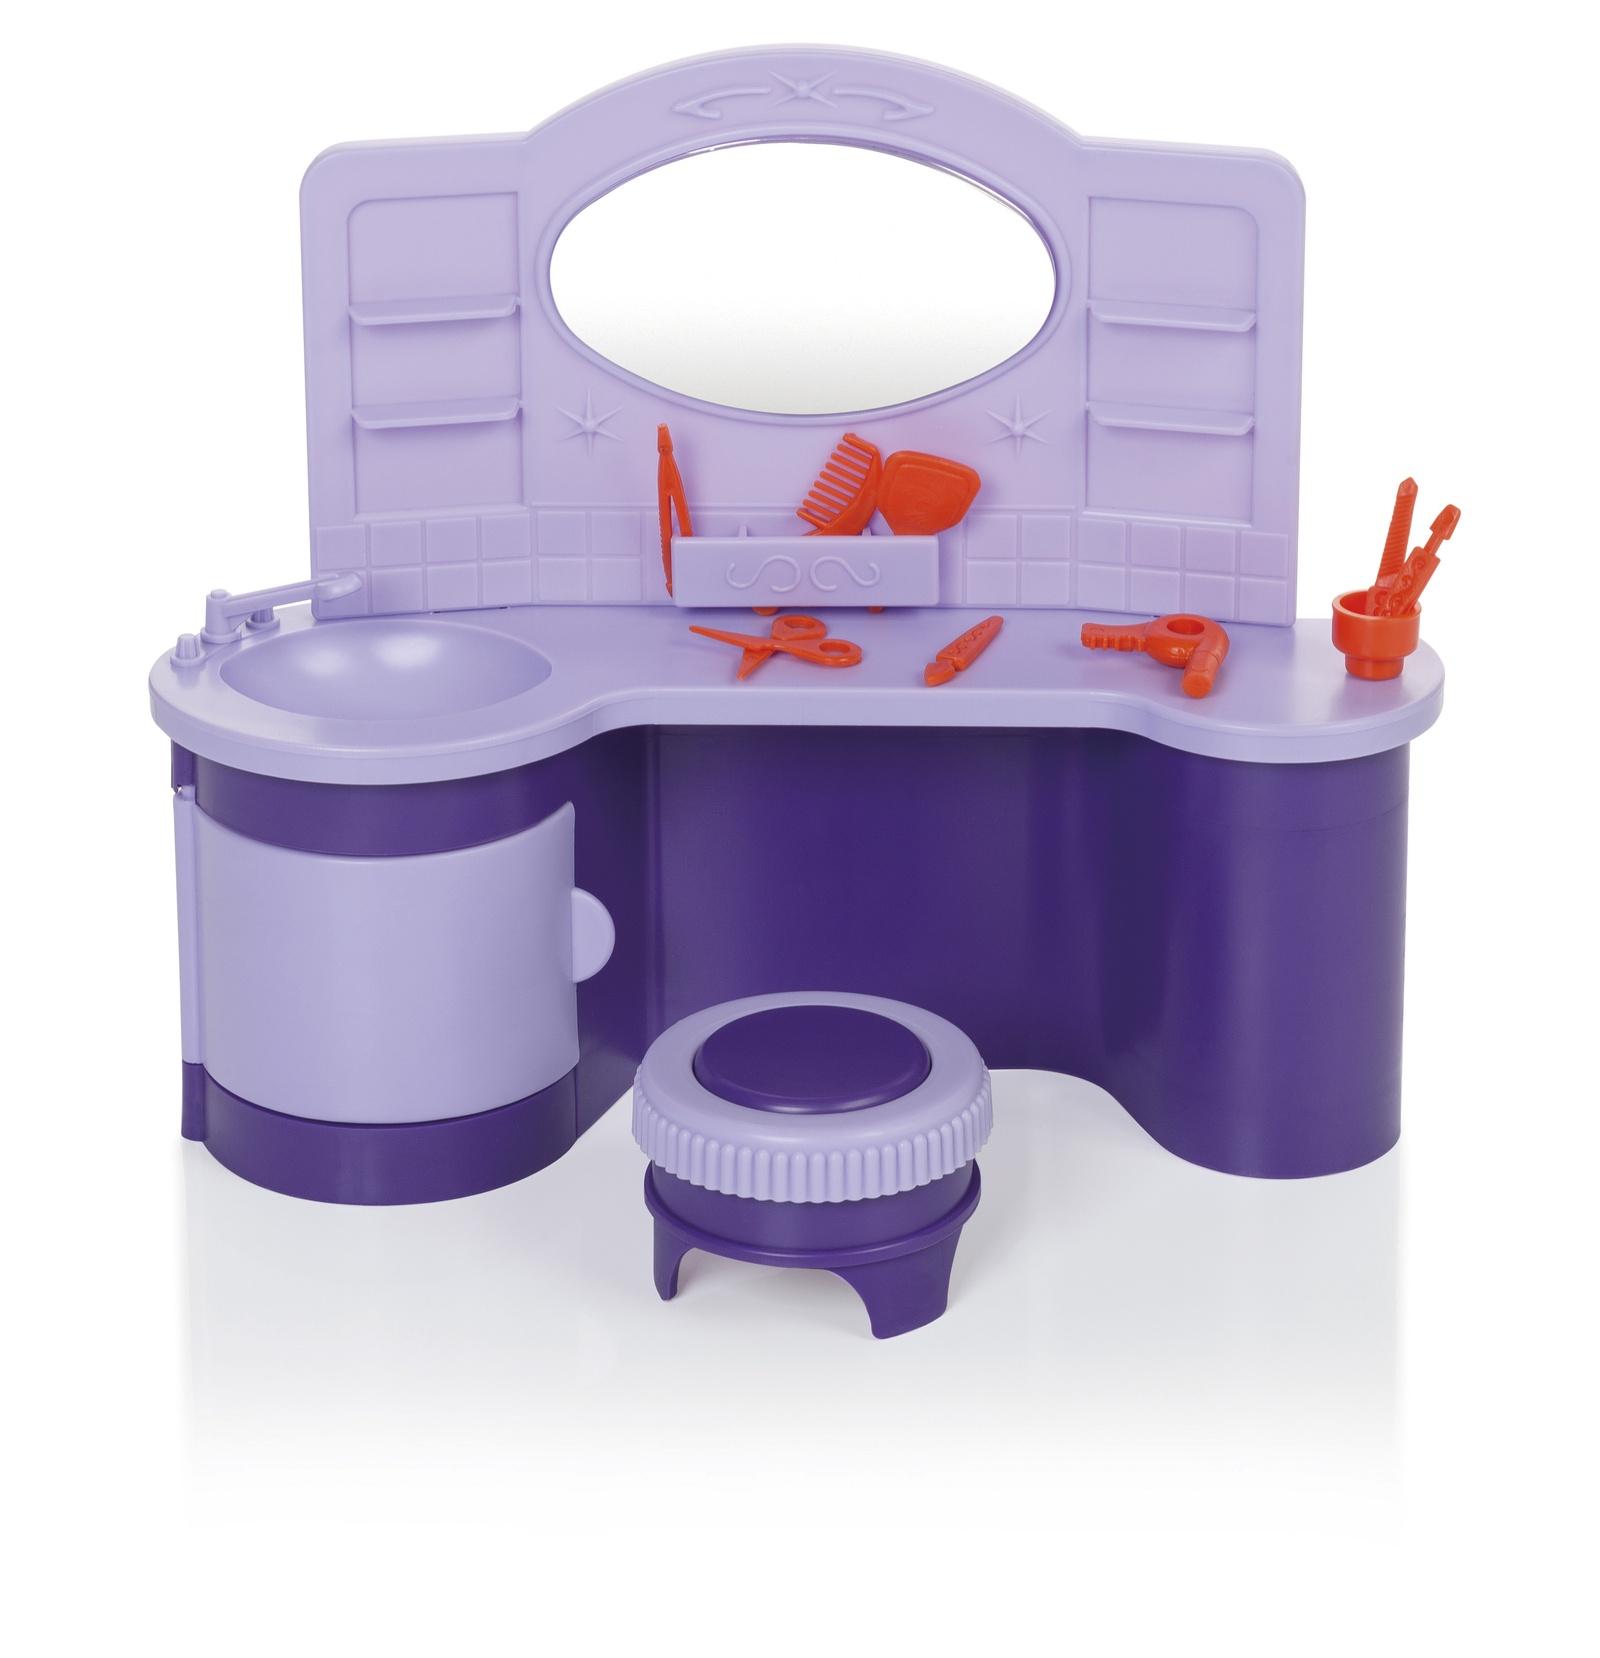 Салон парикмахерская Огонек С-1421, сиреневый, фиолетовый